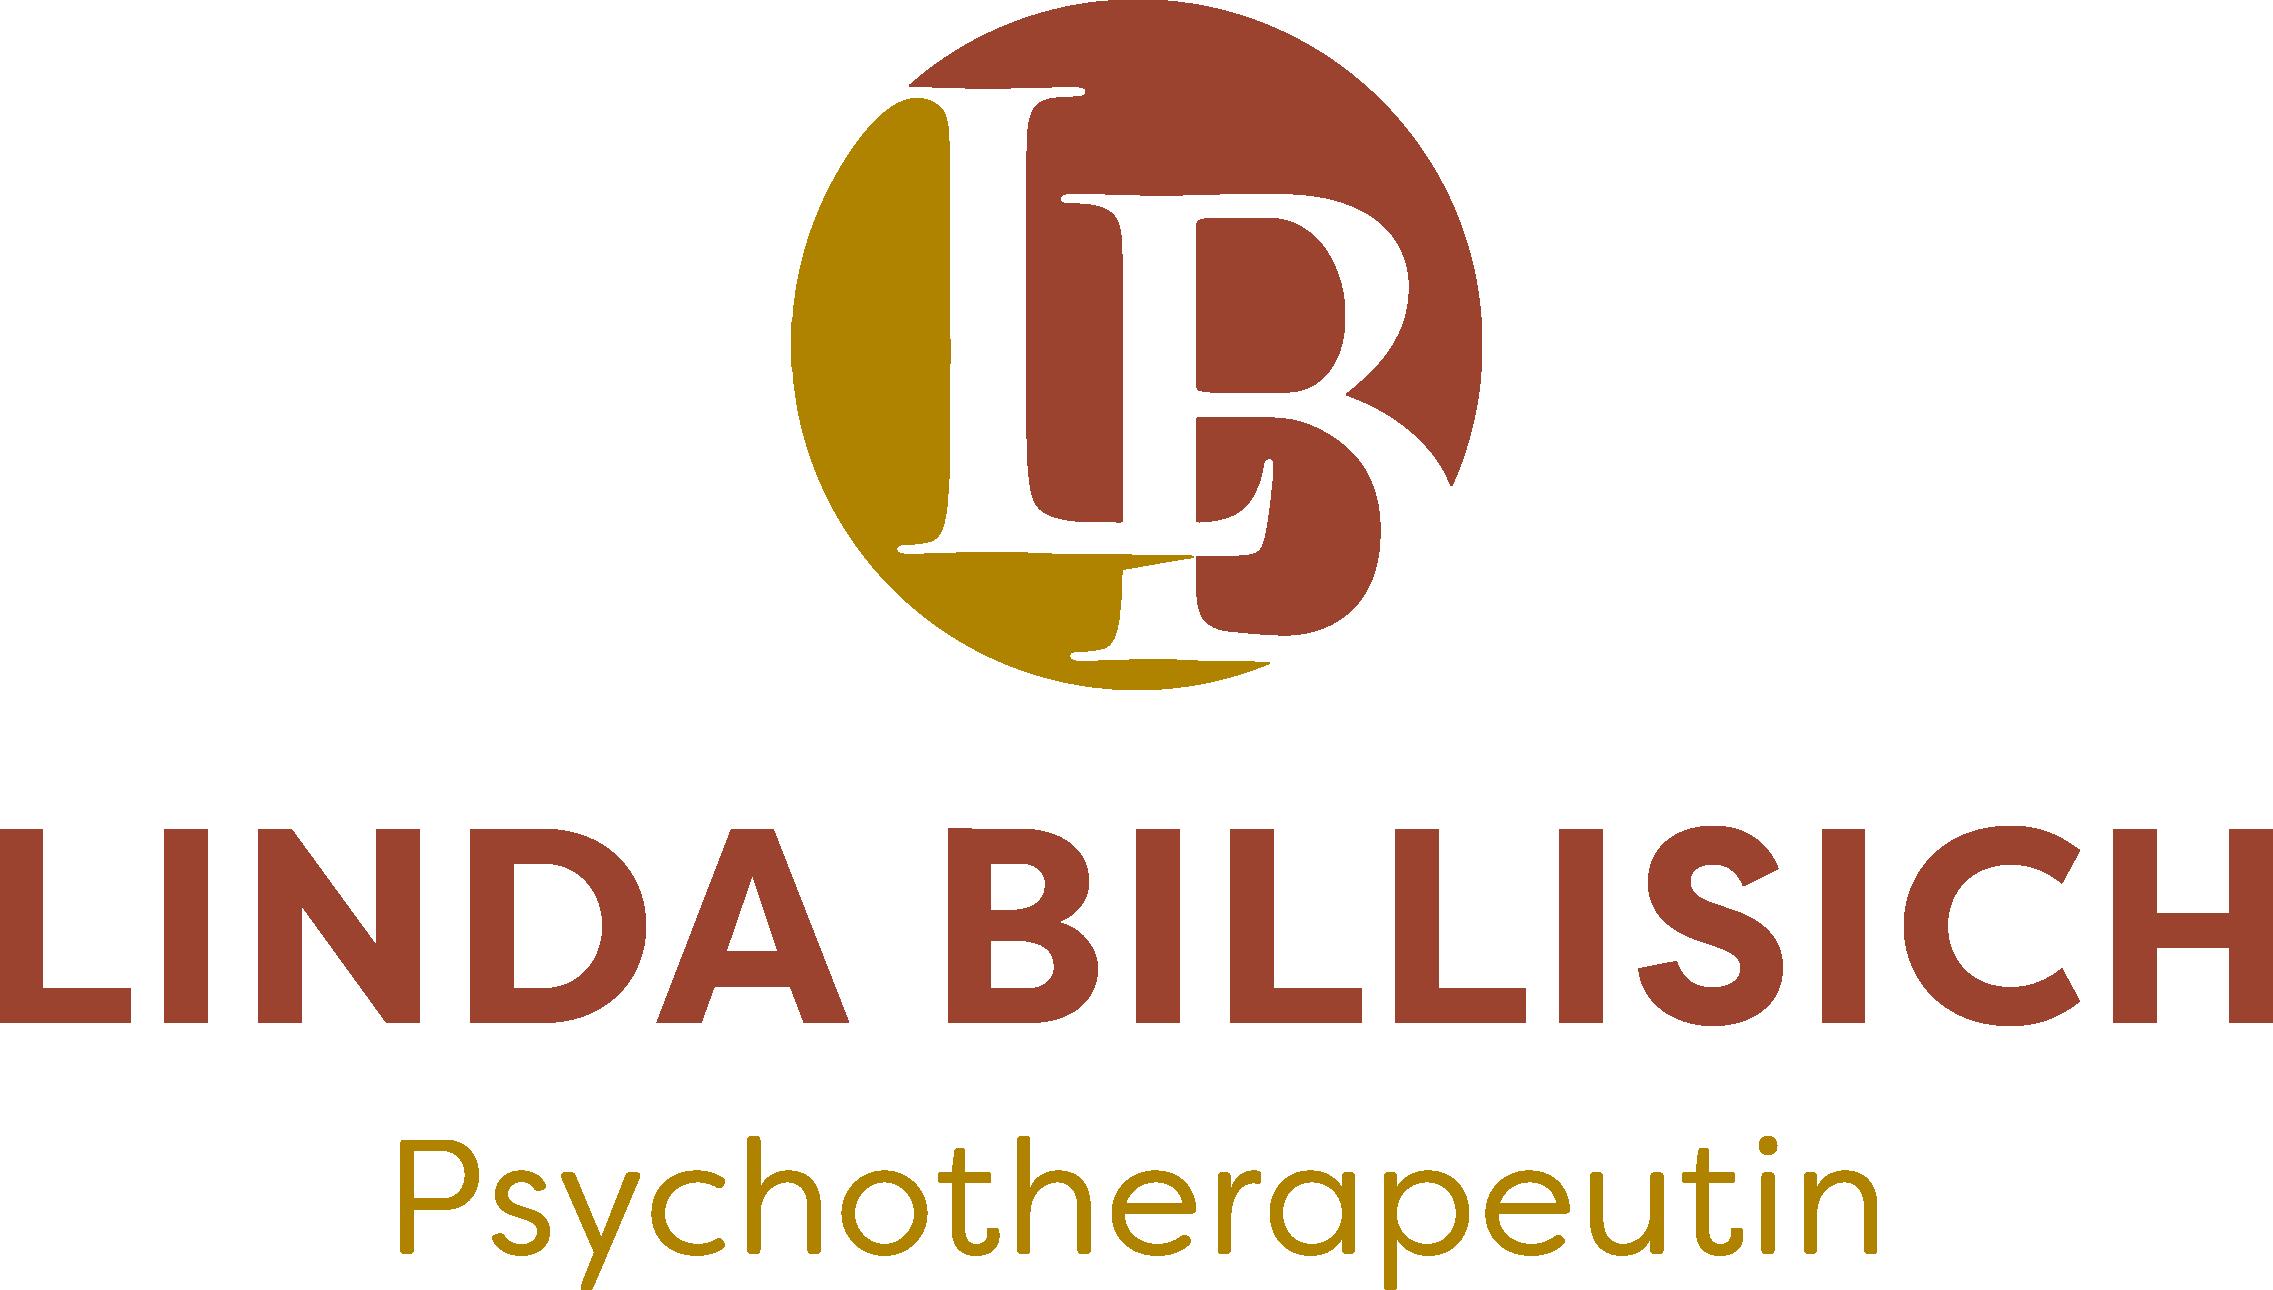 Psychotherapie Linda Billisich